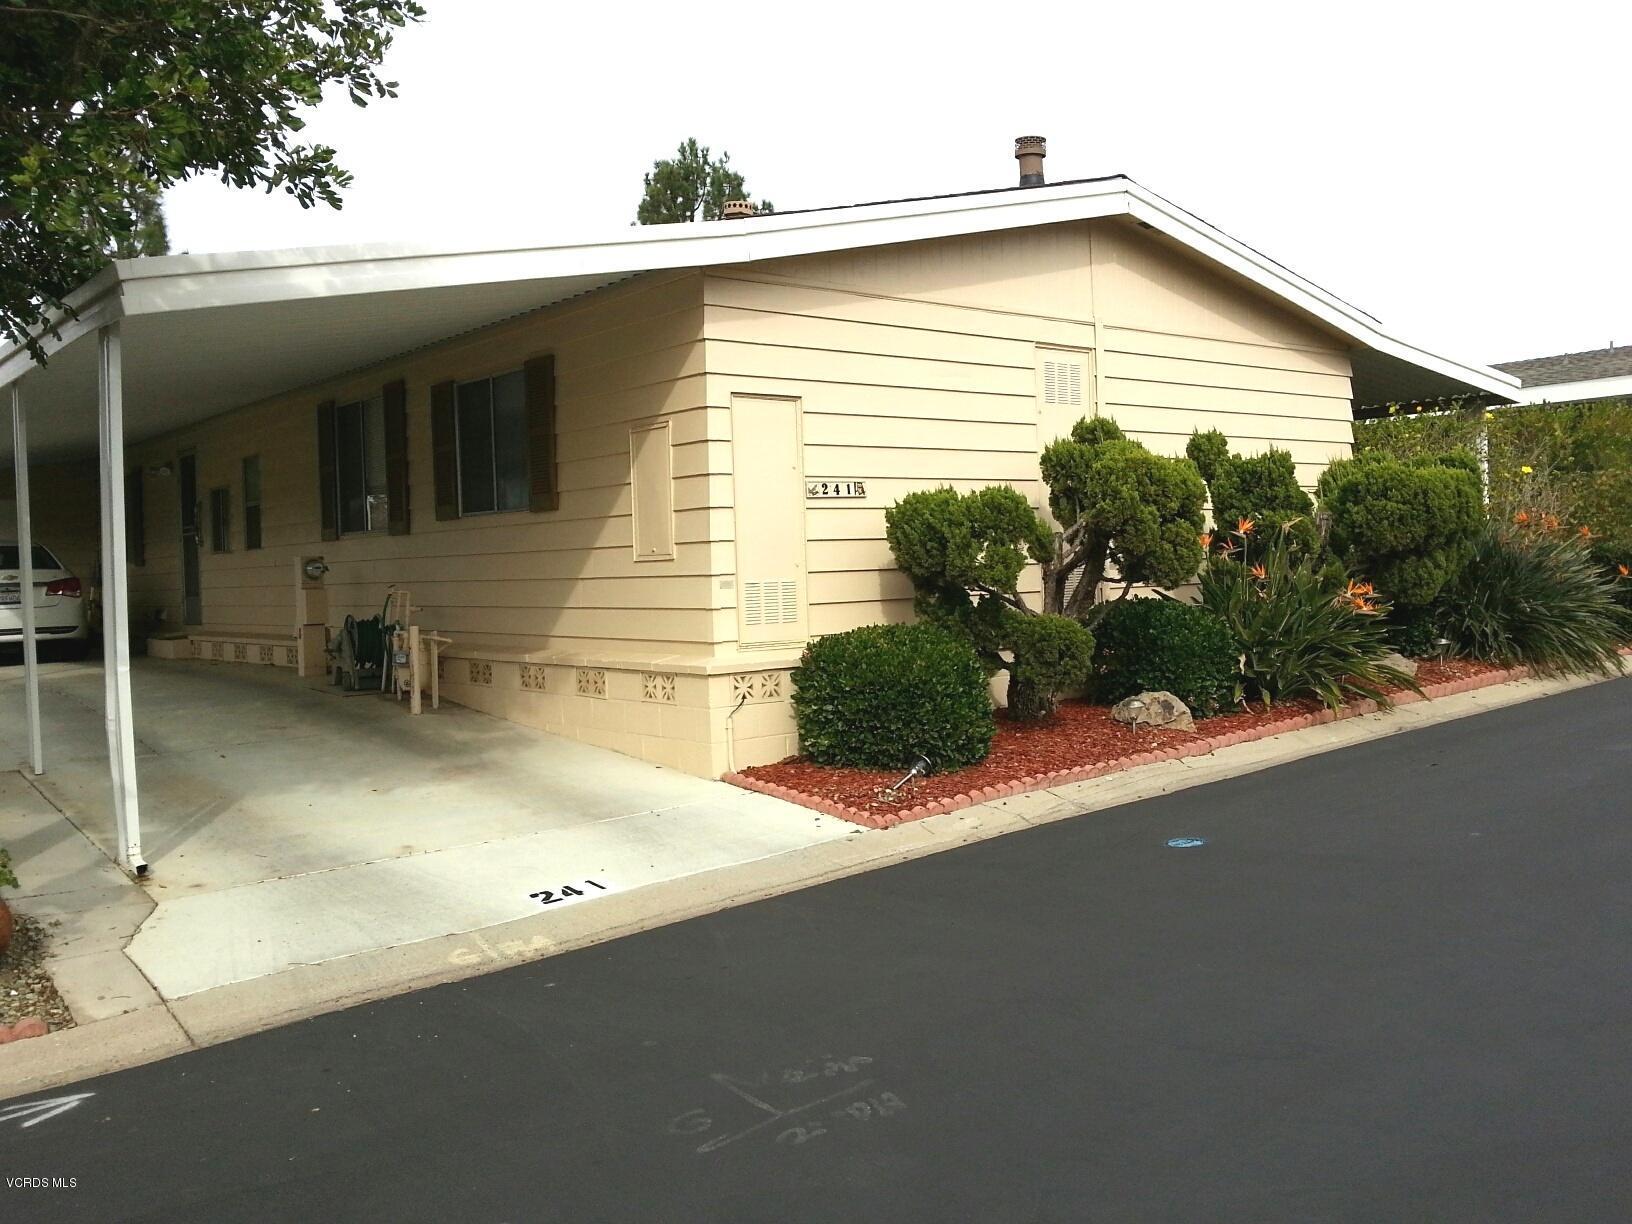 241 Talud Terrace, Camarillo, CA 93012